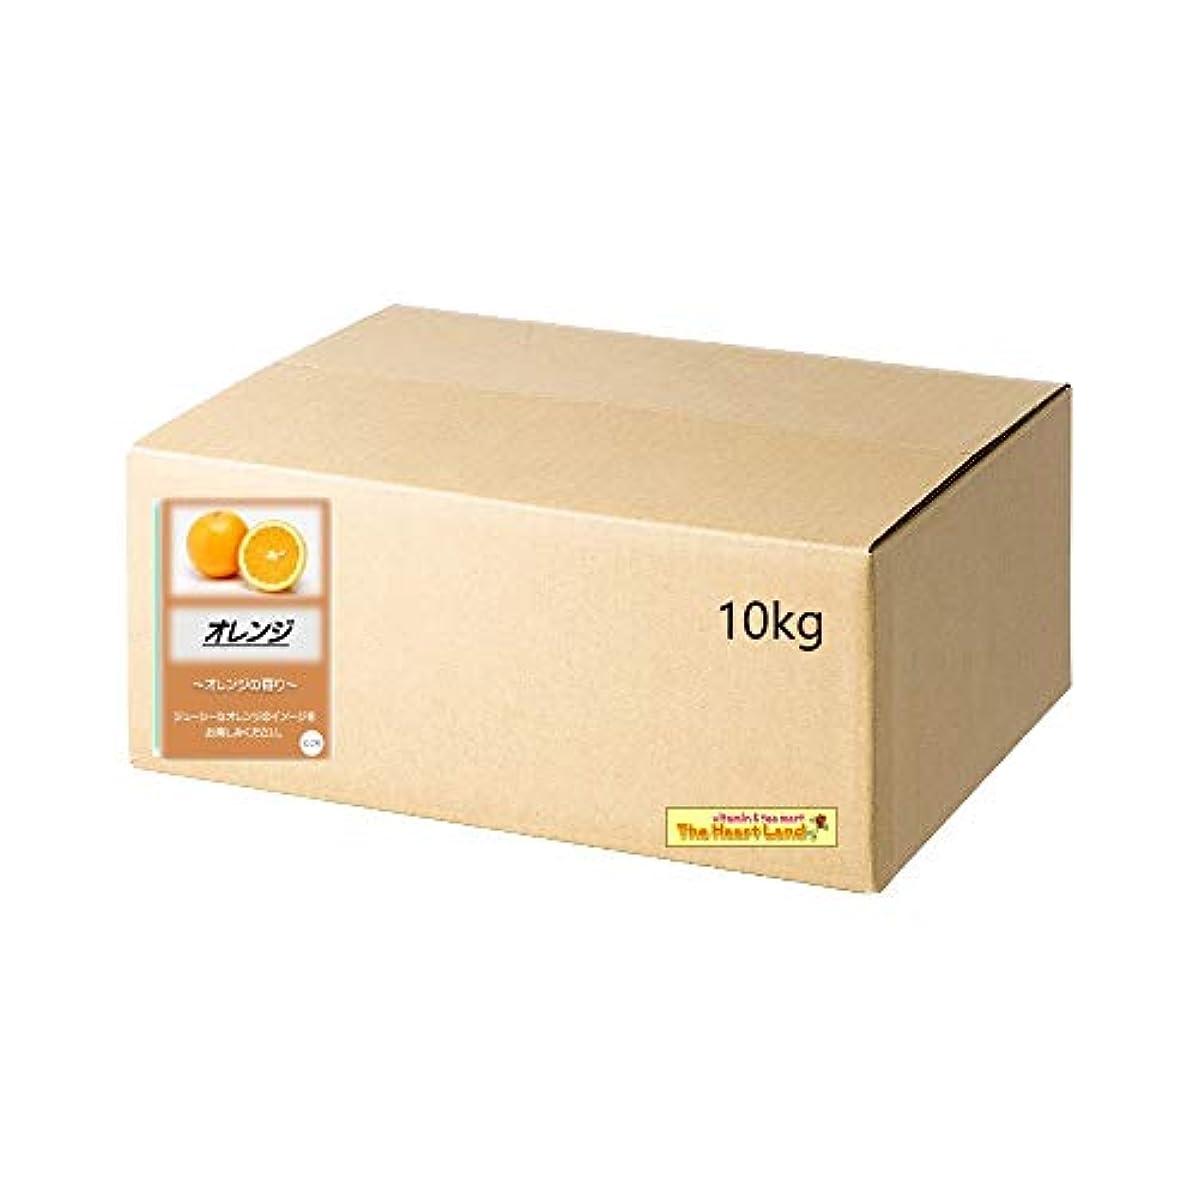 有名ポテトオーバーヘッドアサヒ入浴剤 浴用入浴化粧品 オレンジ 10kg